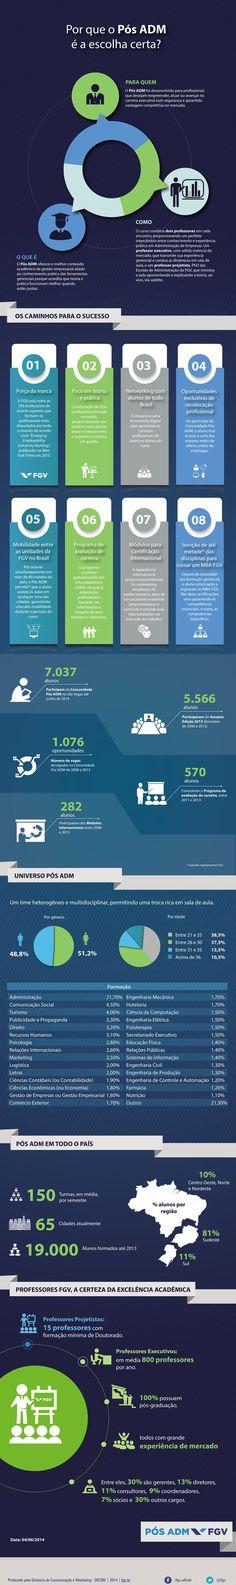 Criação - Infográfico Pós - ADM - FGV